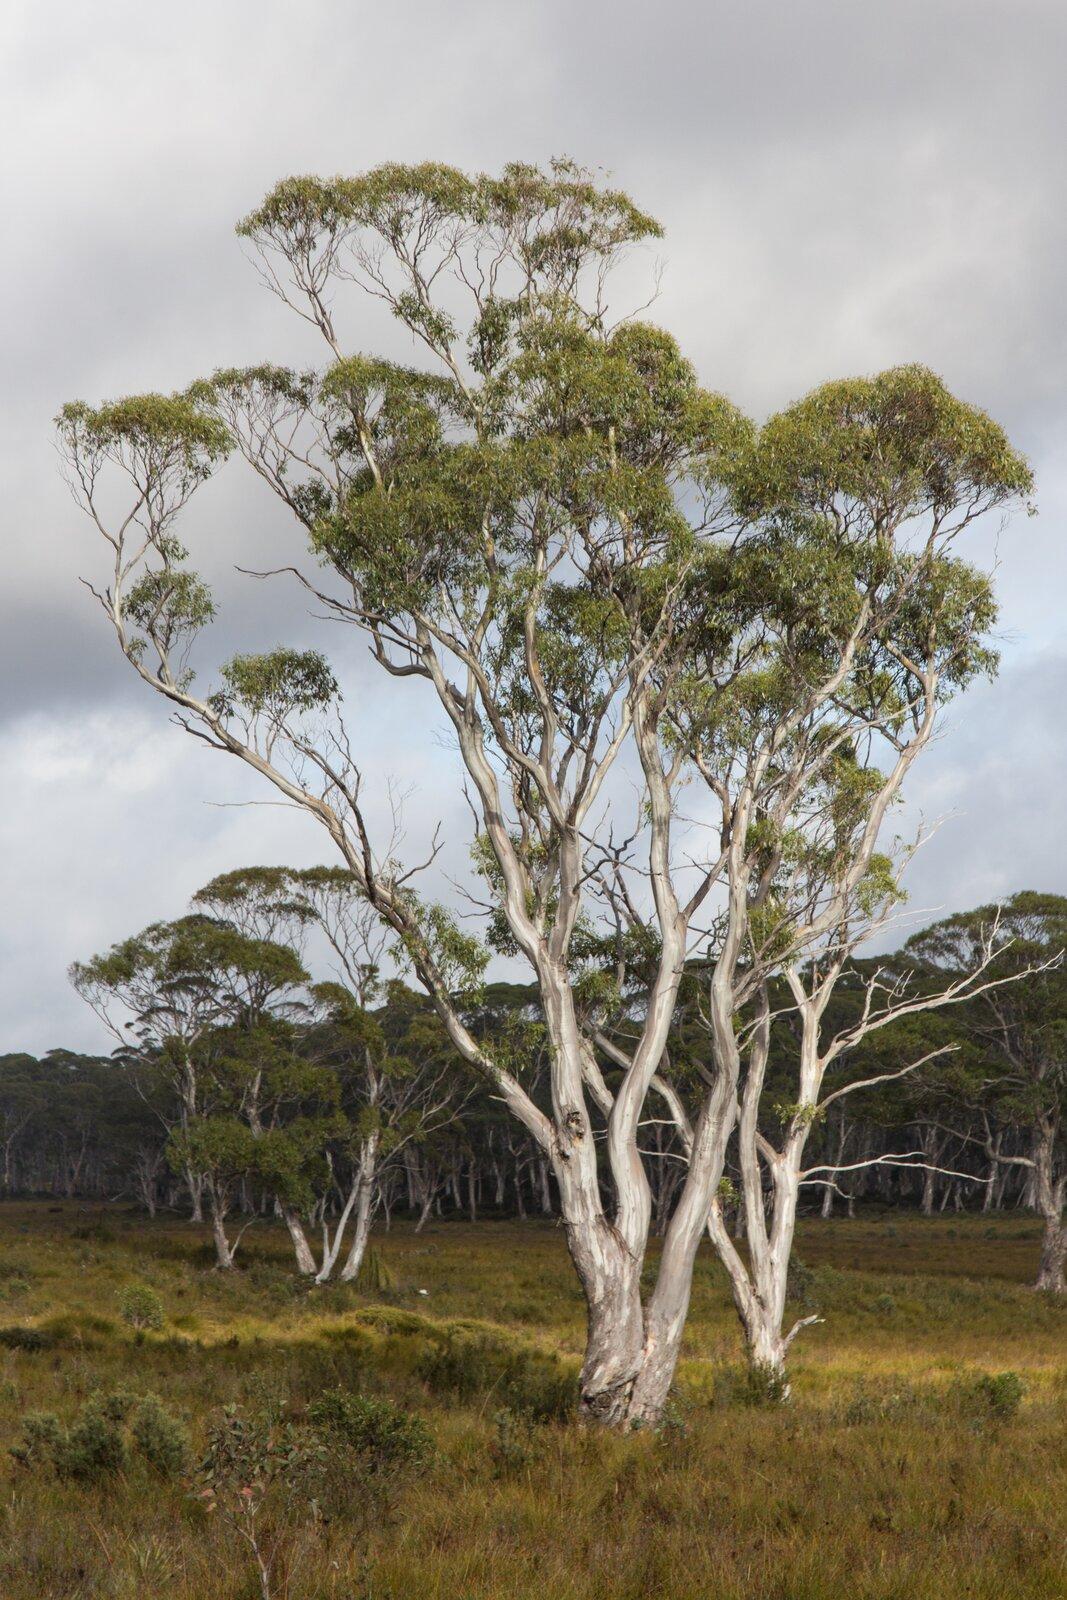 Fotografia przedstawia pojedyncze drzewo eukaliptusa. Ma jasnoszary pień iwzniesione gałęzie. Na ich końcach rosną kępy ciemnozielonych liści. Wokół niskie zarośla zjasnozielonymi liśćmi iniewielkie kępy trawy.